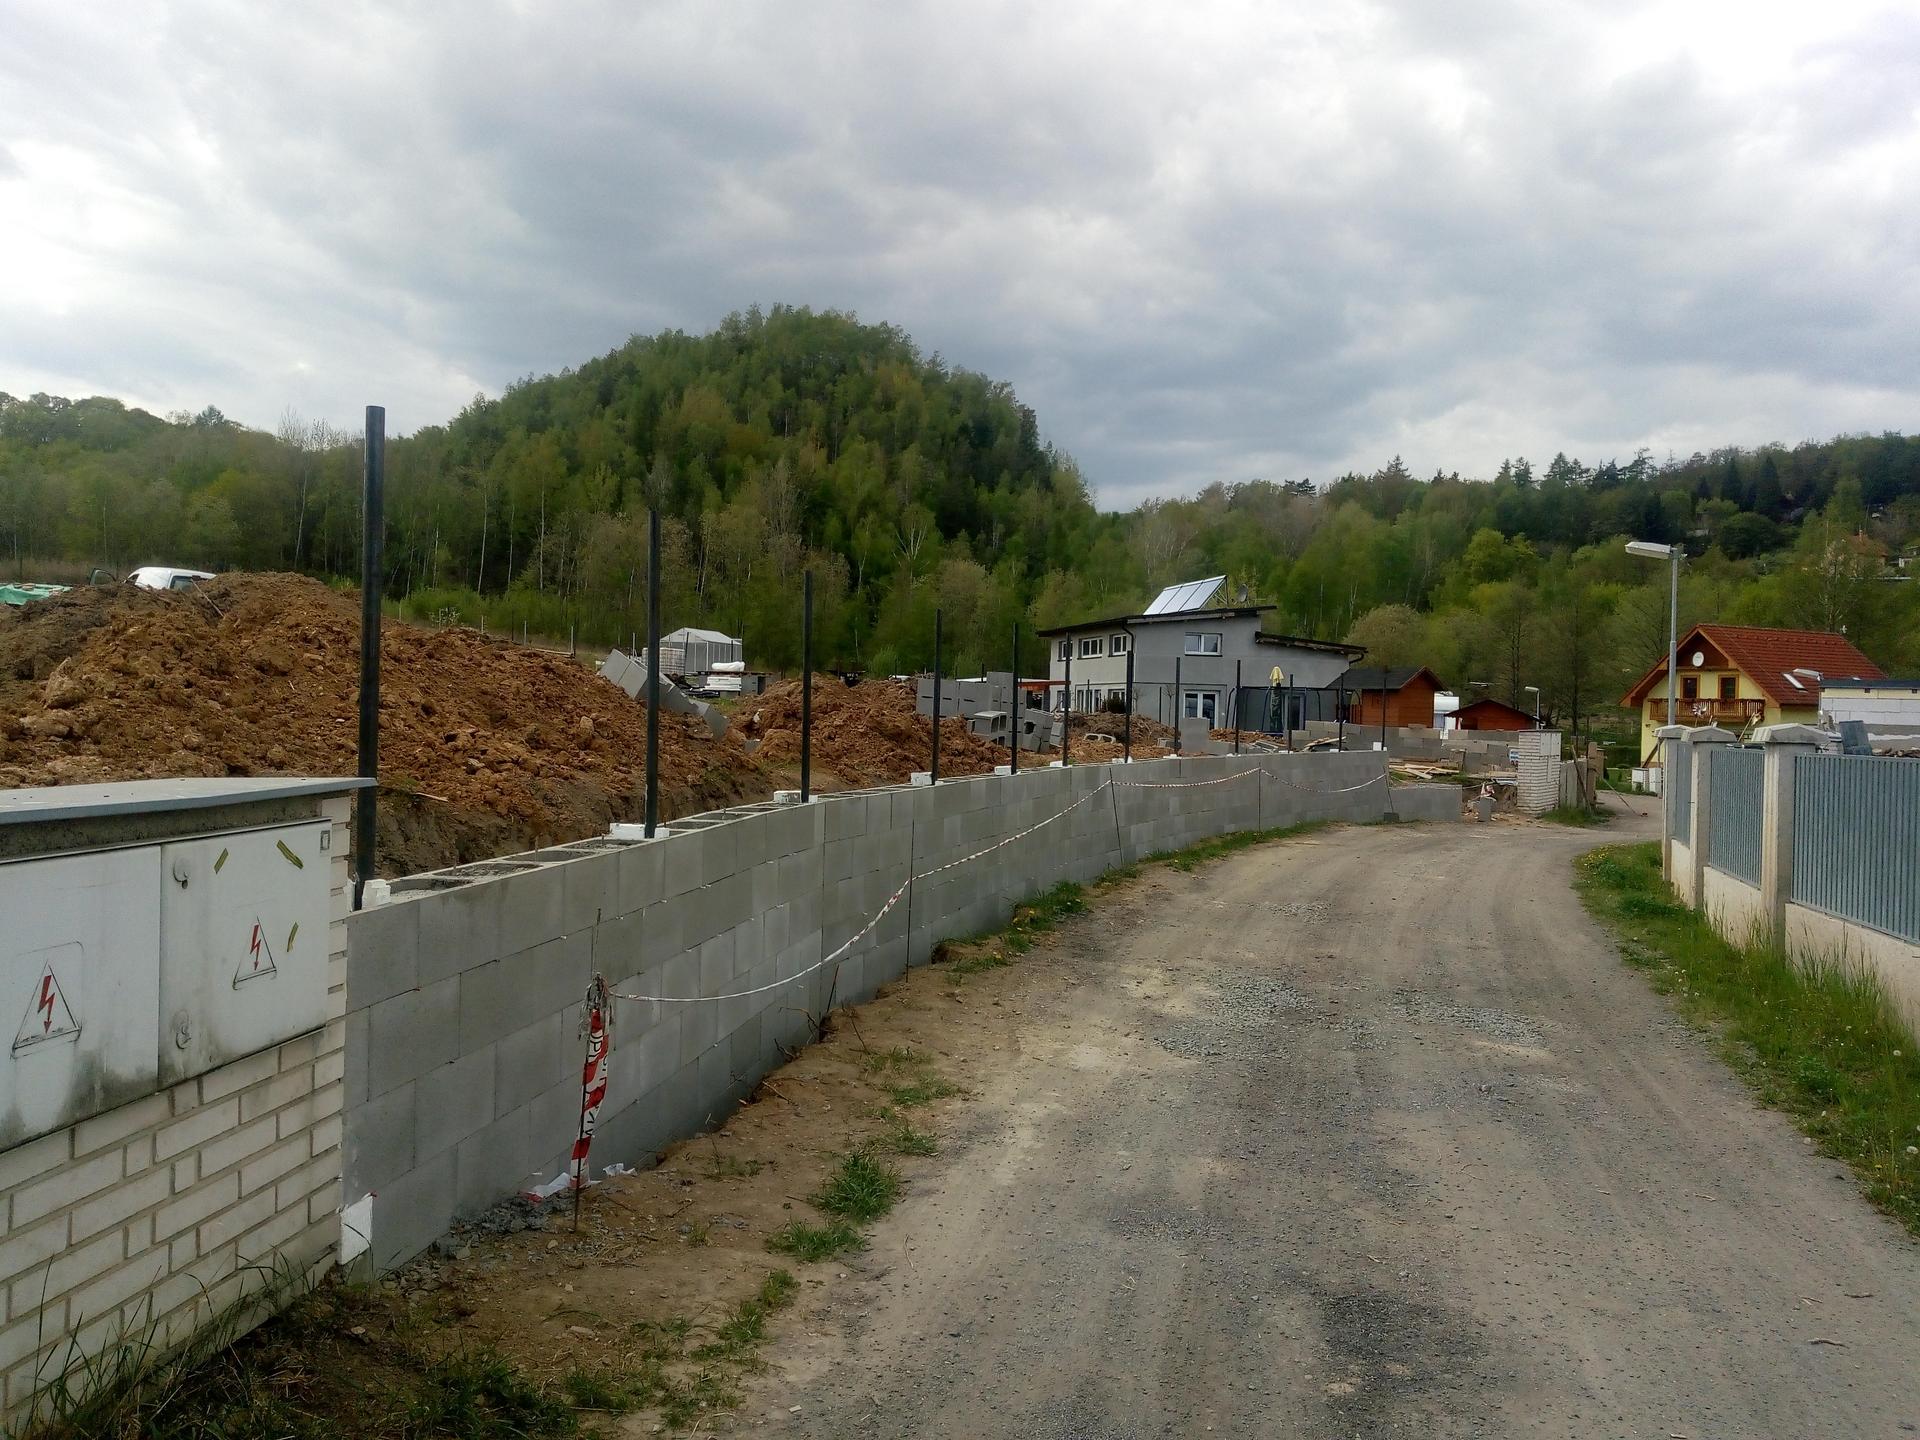 Příprava pozemku, bednění, základy, opěrka, bouda, plot - Obrázek č. 25